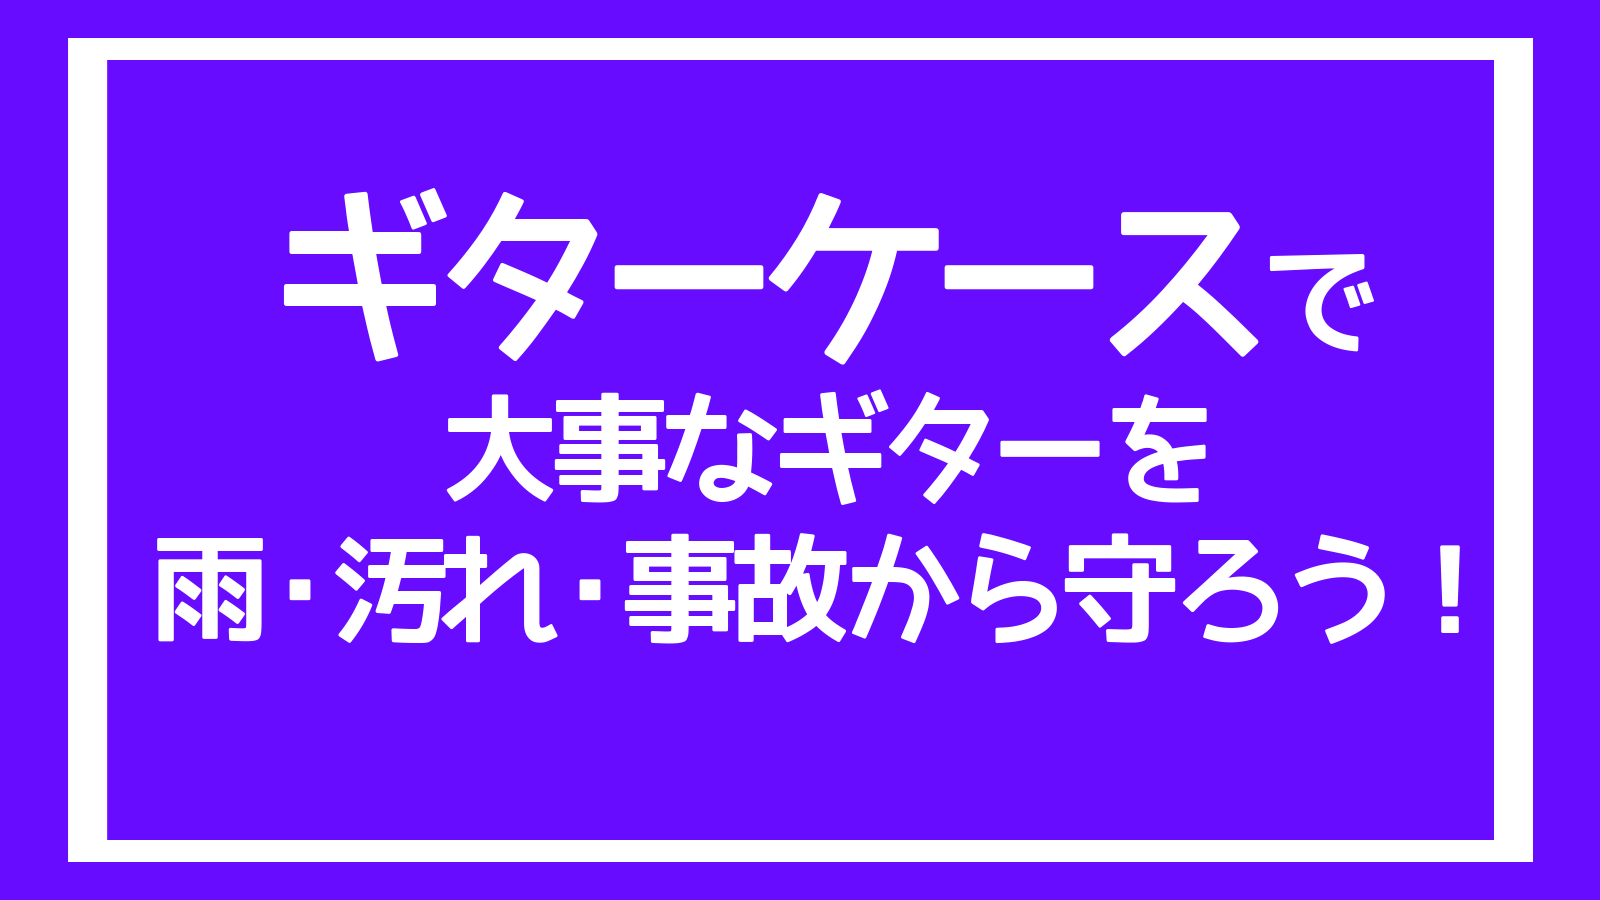 ギターケース 福岡 イムズ